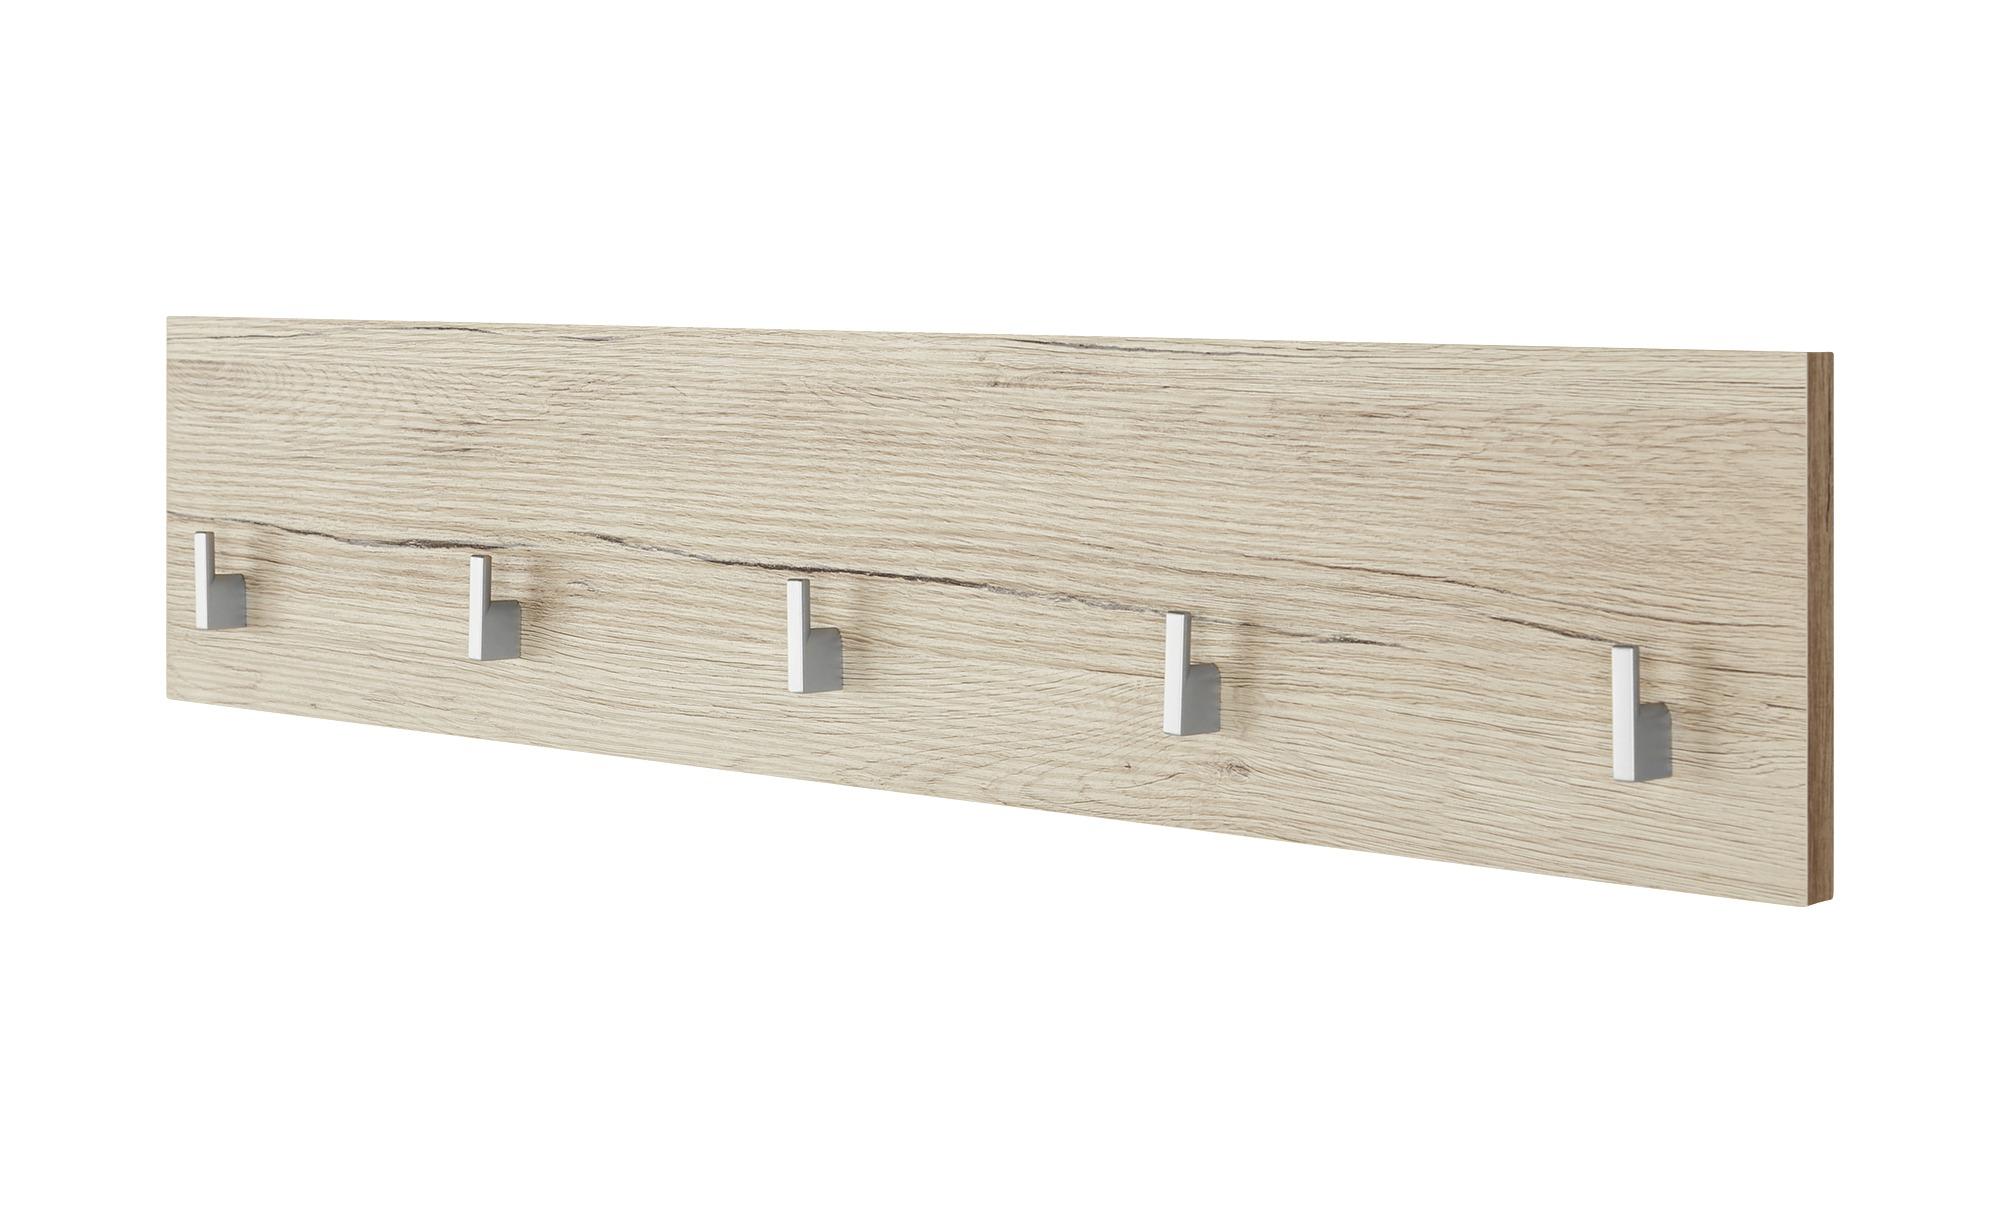 Garderobenschrank  Gallio ¦ Maße (cm): B: 88 H: 18 T: 2 Garderoben & Kleiderstangen > Garderoben - Höffner | Flur & Diele | Holzwerkstoff | Möbel Höffner DE